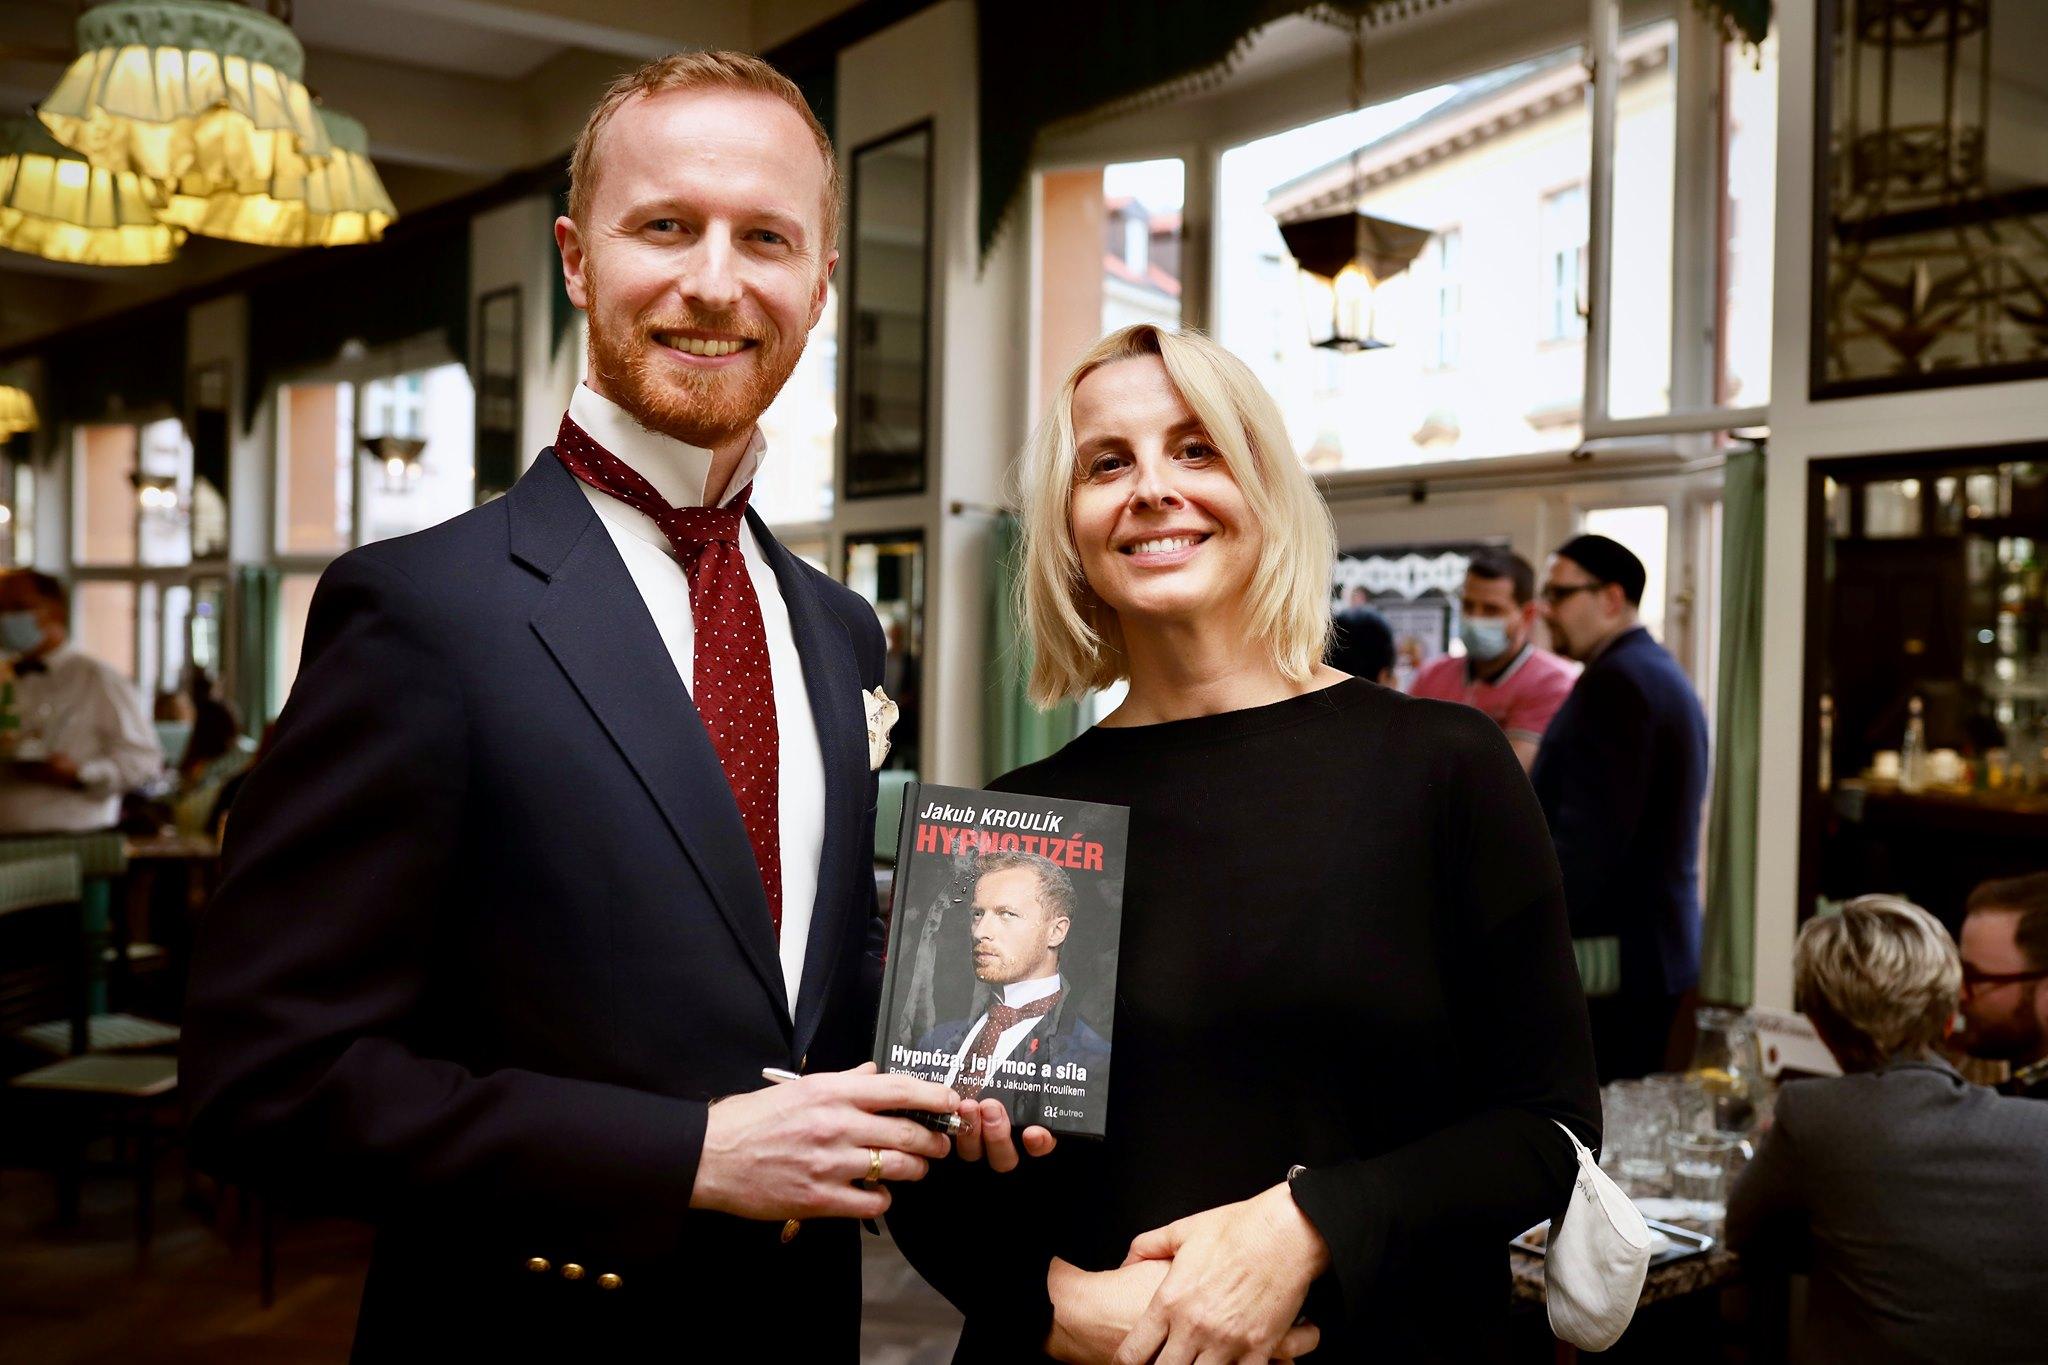 Hypnotizér Jakub Kroulík a novinářka Marta Fenclová na křtu své knihy v Grand Café Orient